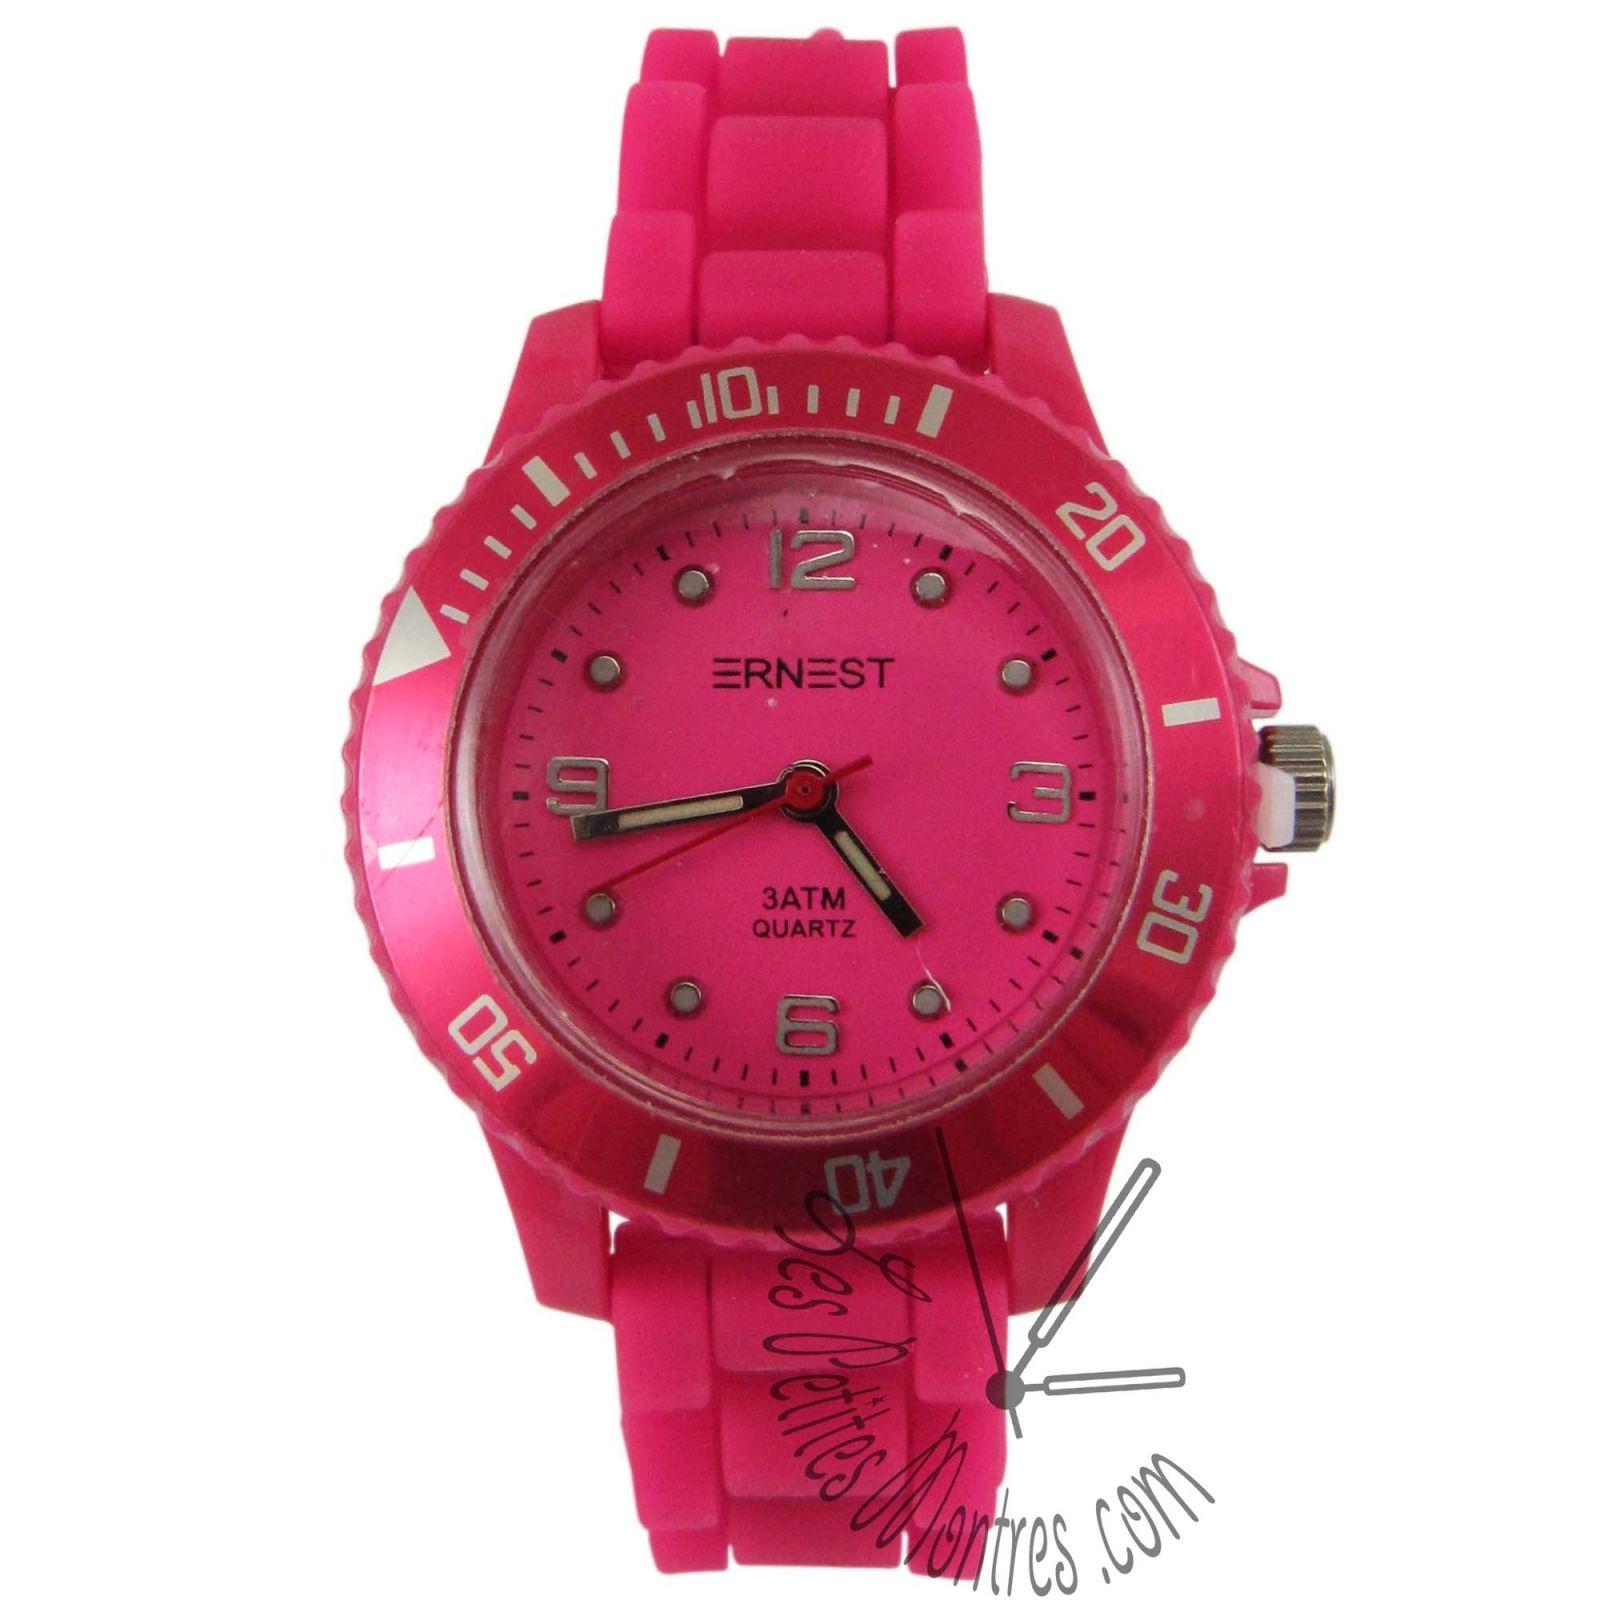 montre enfant etanche et bracelet rose les petites montres montres pinterest. Black Bedroom Furniture Sets. Home Design Ideas